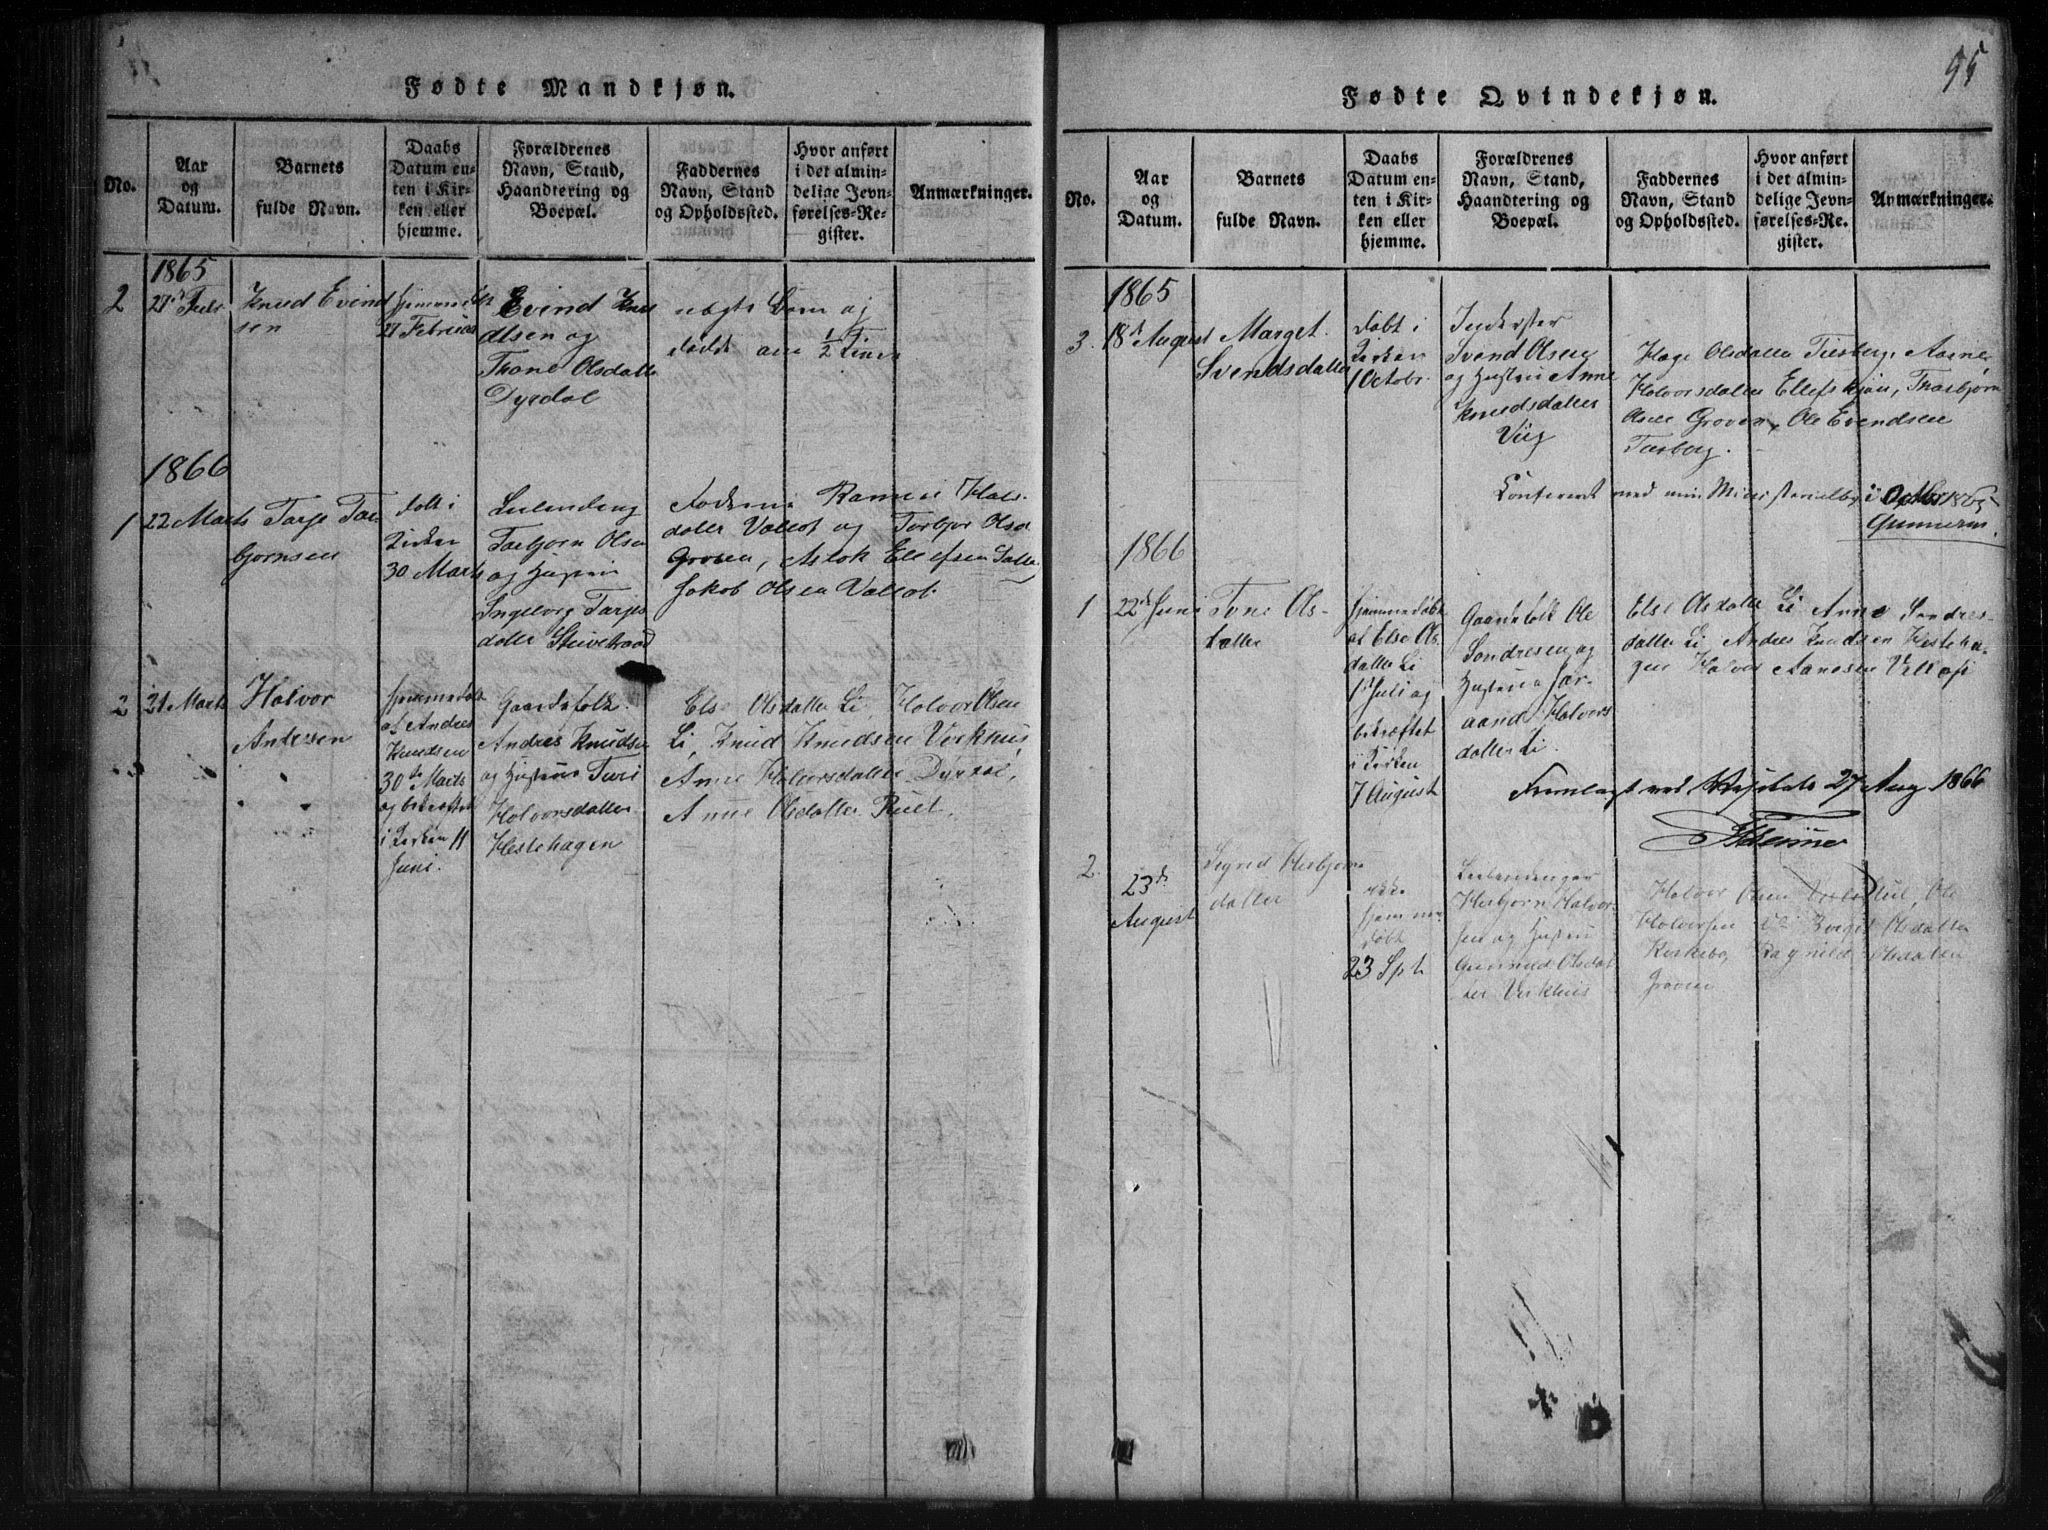 SAKO, Rauland kirkebøker, G/Gb/L0001: Klokkerbok nr. II 1, 1815-1886, s. 55